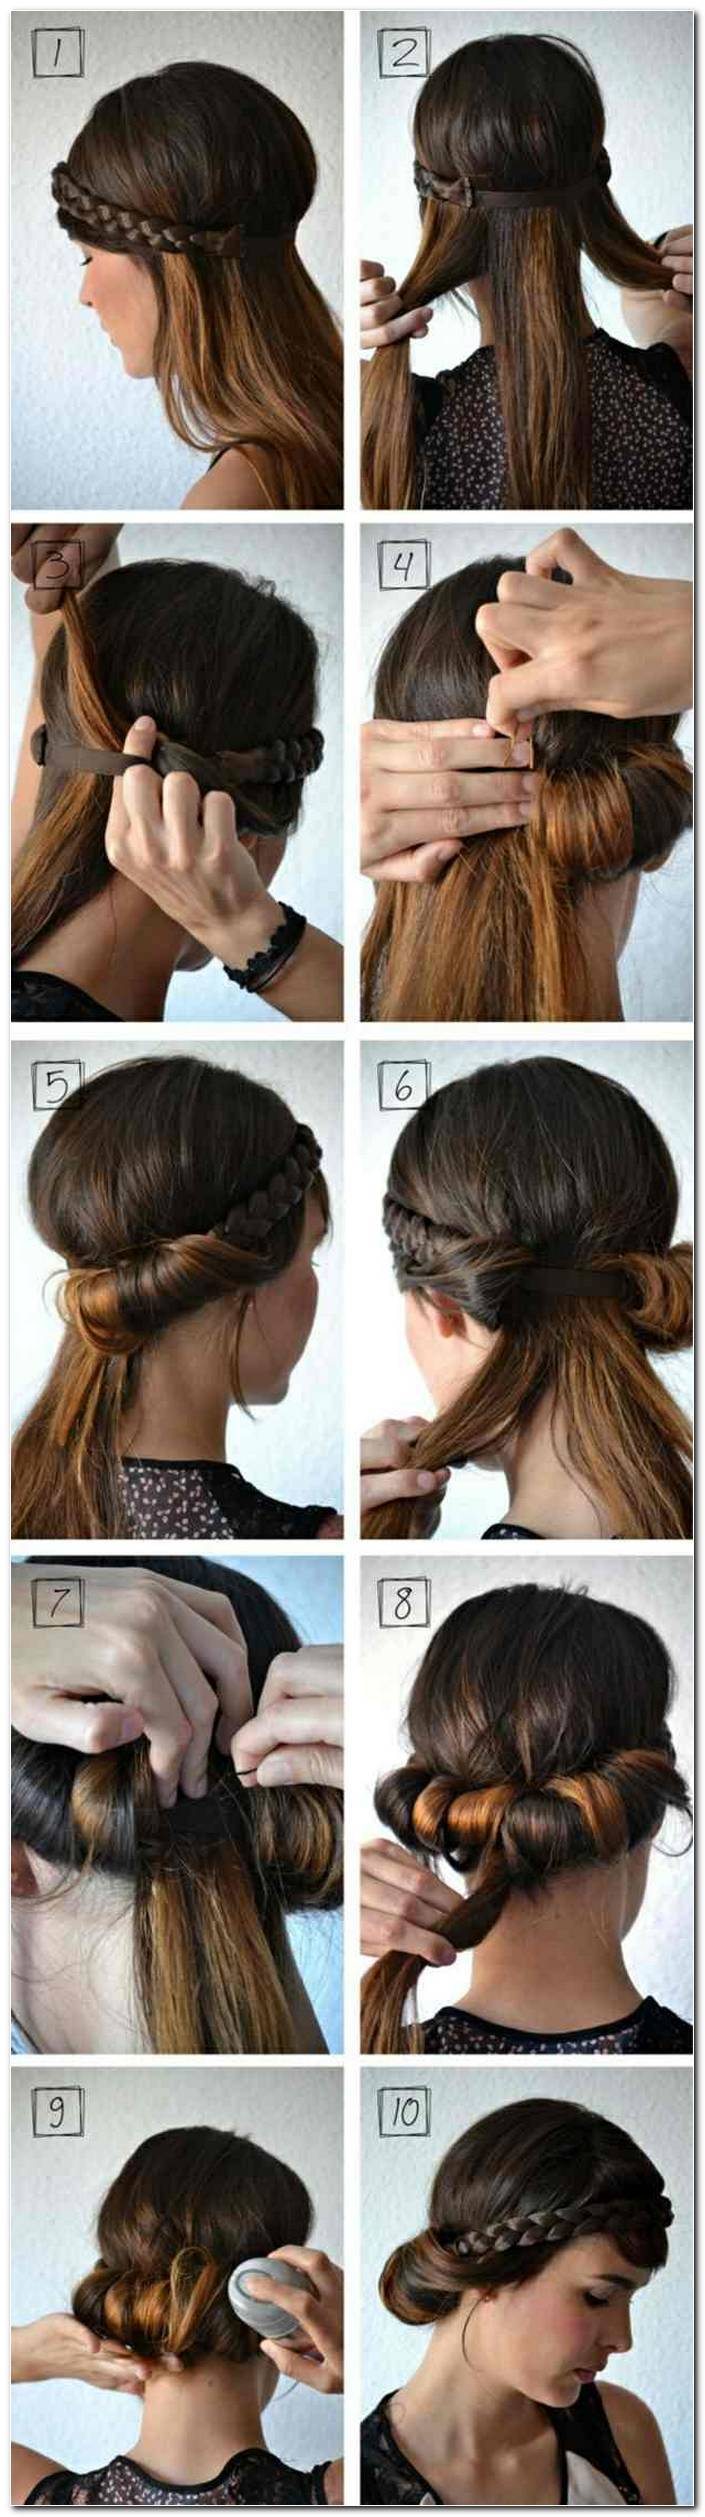 Frisuren Selber Machen Lange Haare Zopf